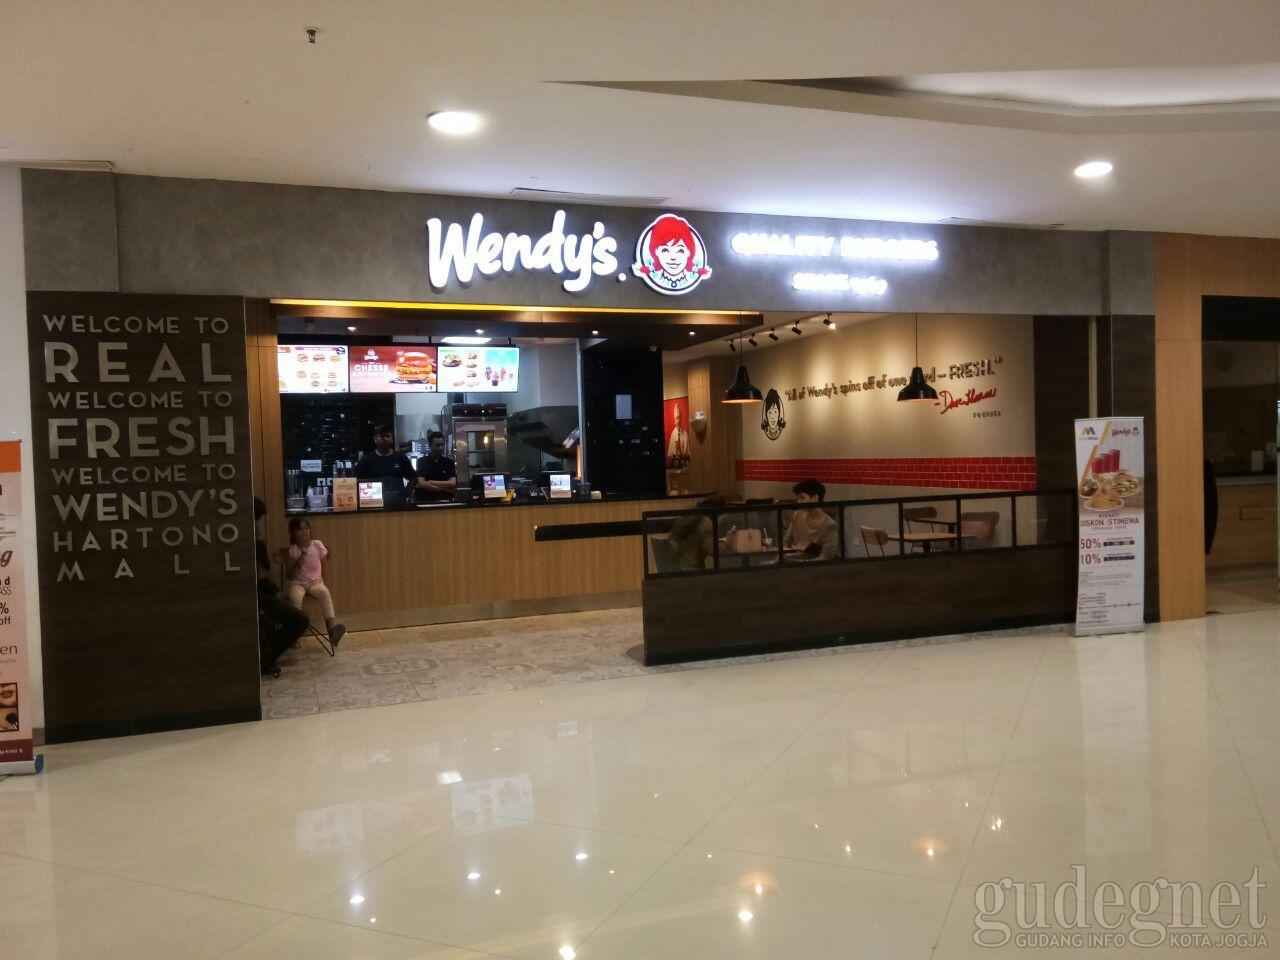 Wendy's Hartono Mall